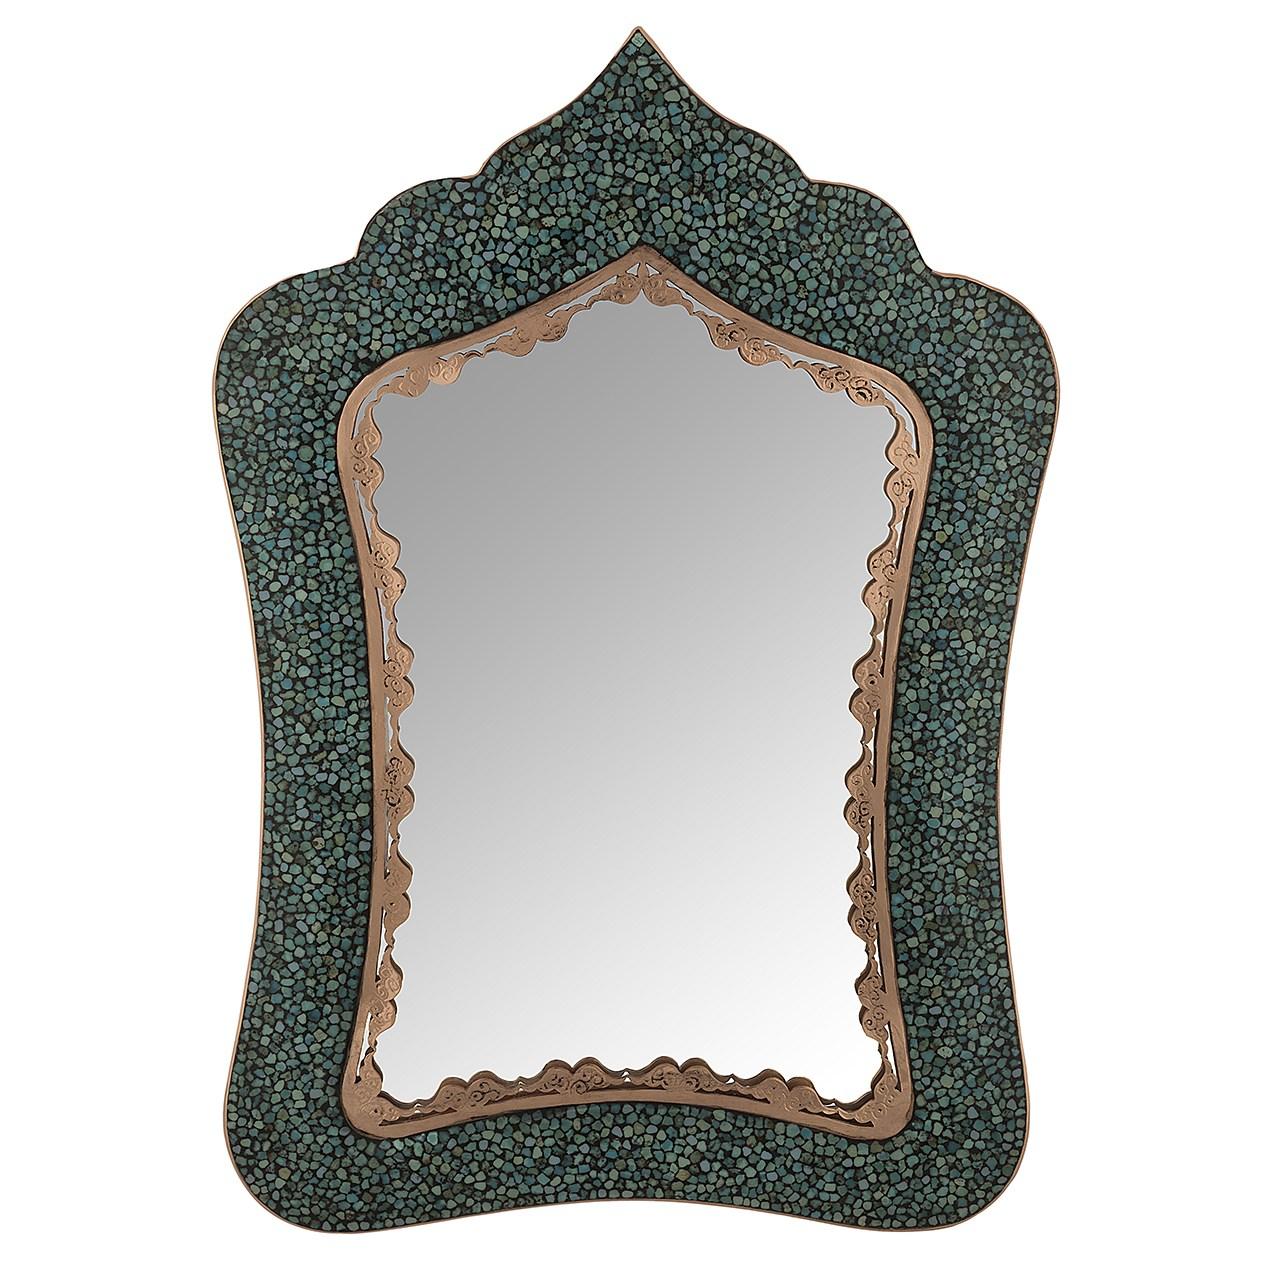 آینه فیروزه کوب اثر آقاجانی ارتفاع 36 سانتی متر